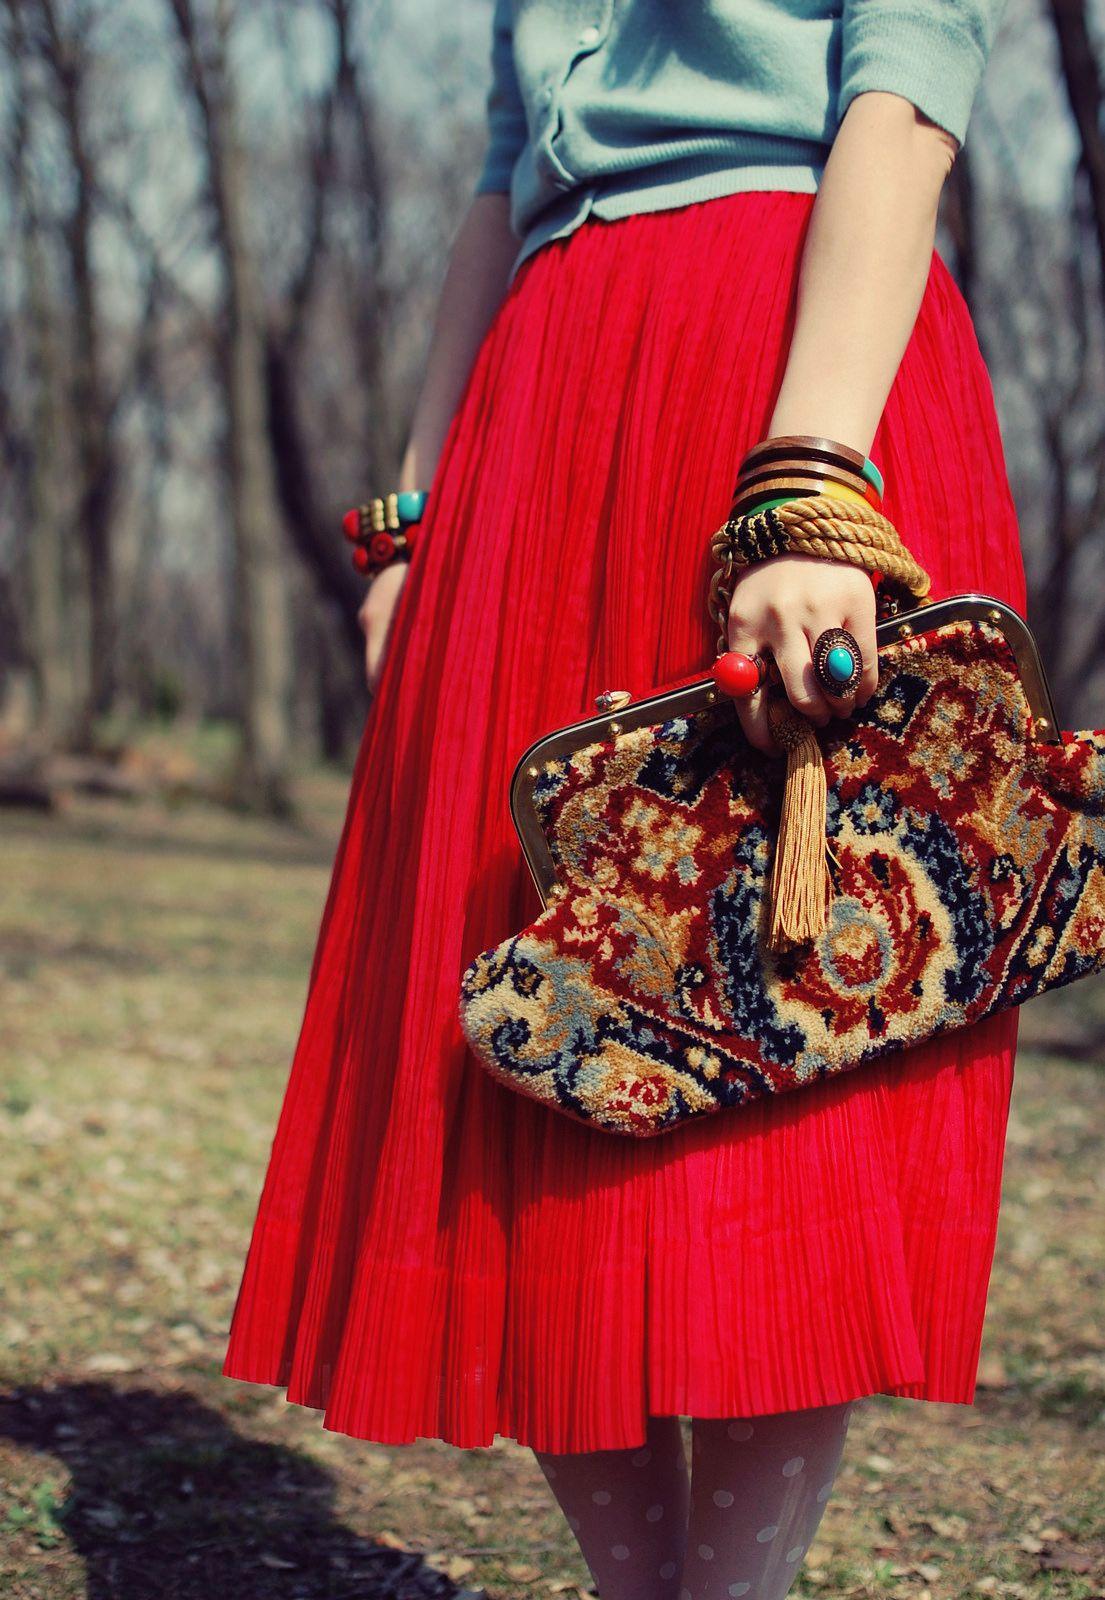 red skirt | webblog.tinytoadstool.com/?eid=1002169 | tinytoadstool by shan shan | Flickr